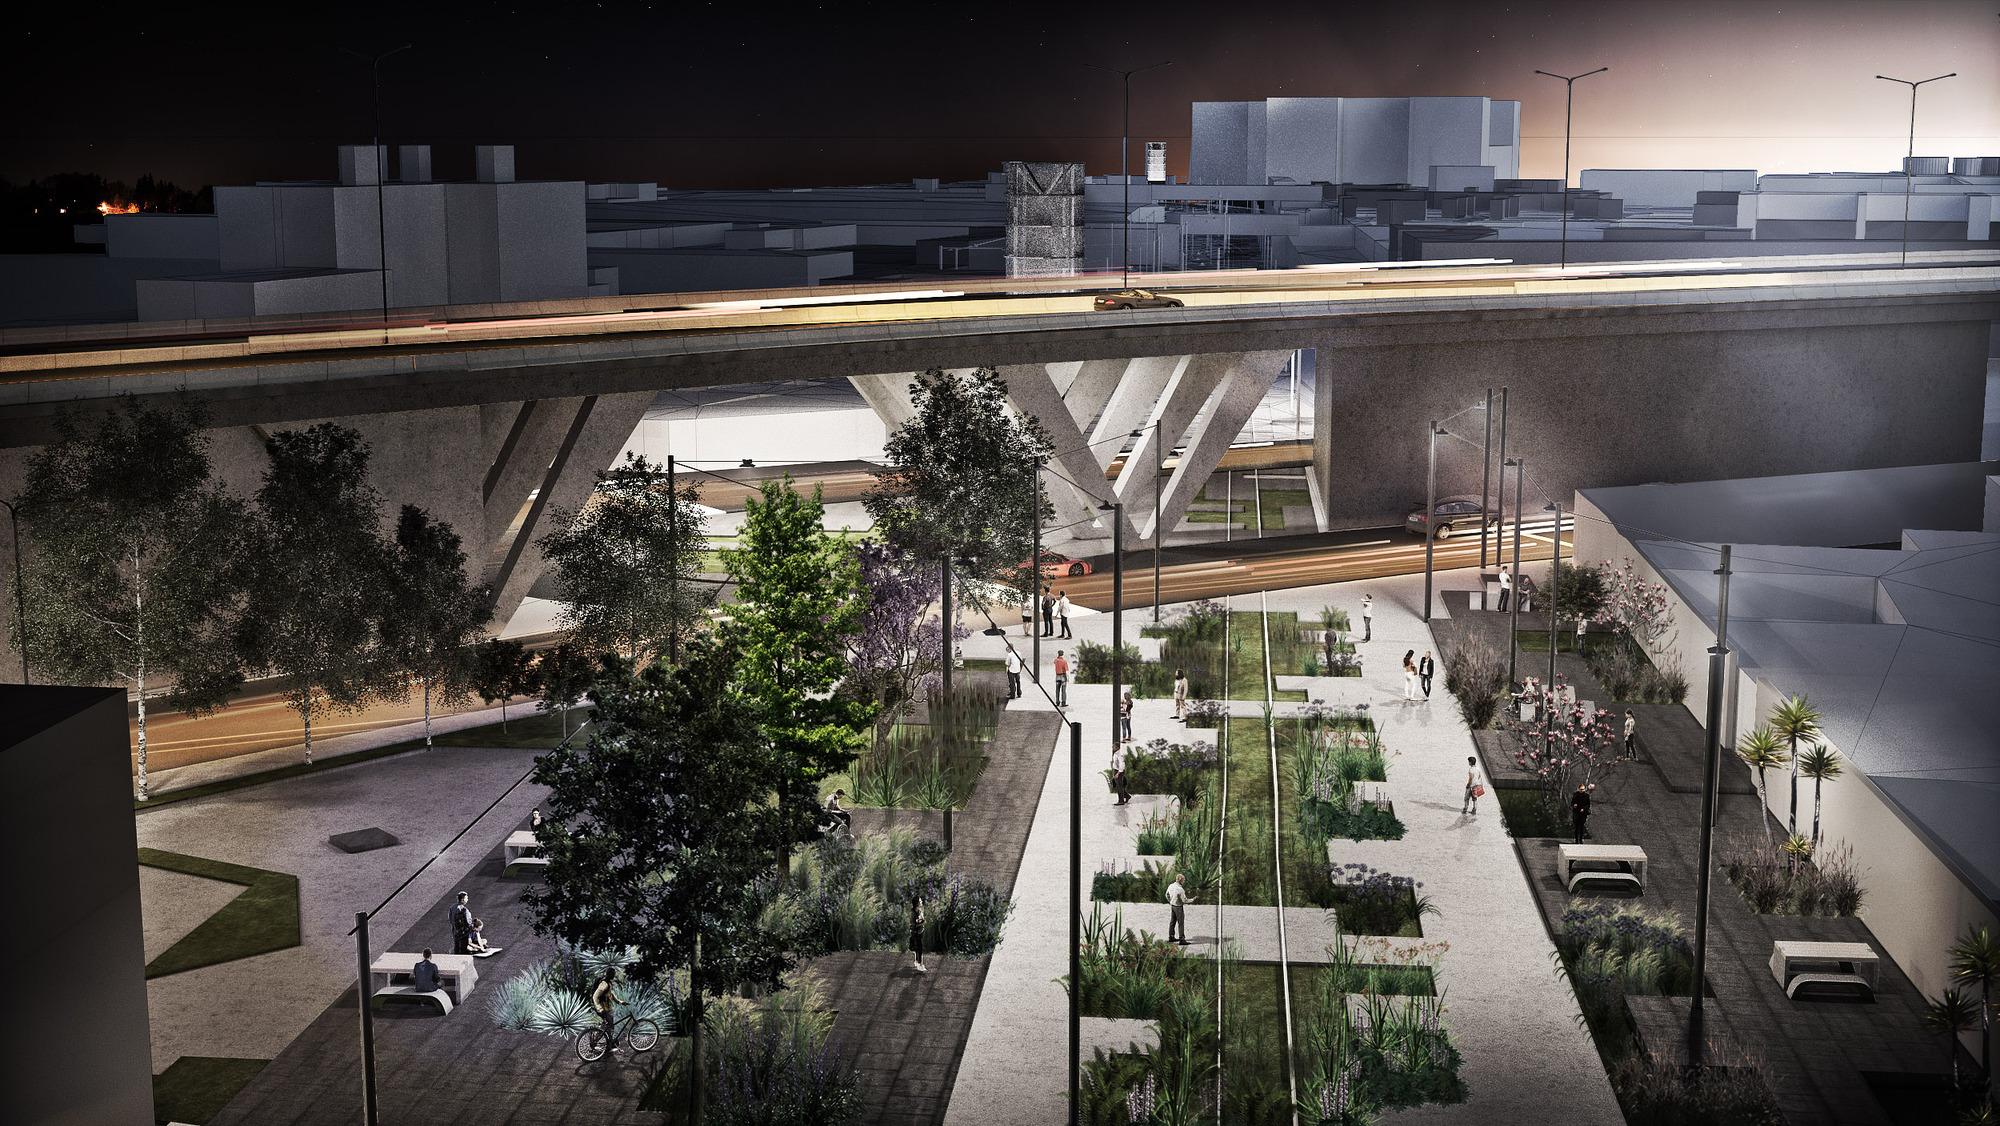 Equipo portugu s tercer lugar del concurso parque lineal for Arquitectura de proyectos